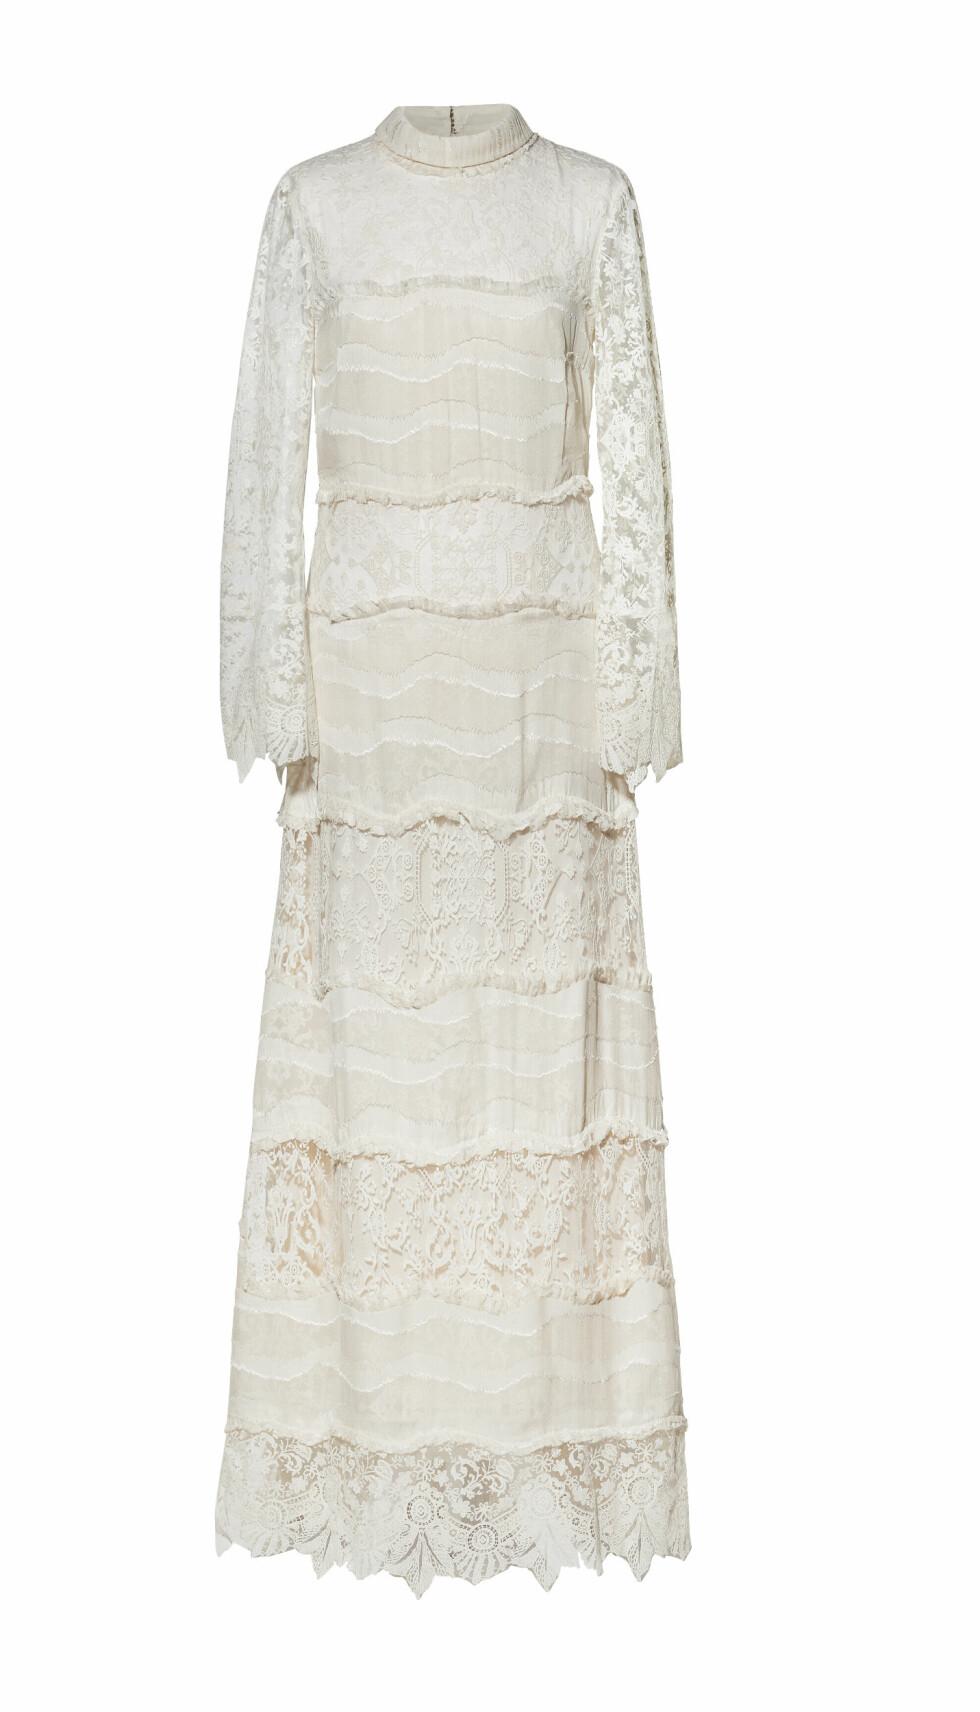 Kjole fra H&M, kr 3499. Foto: Produsenten